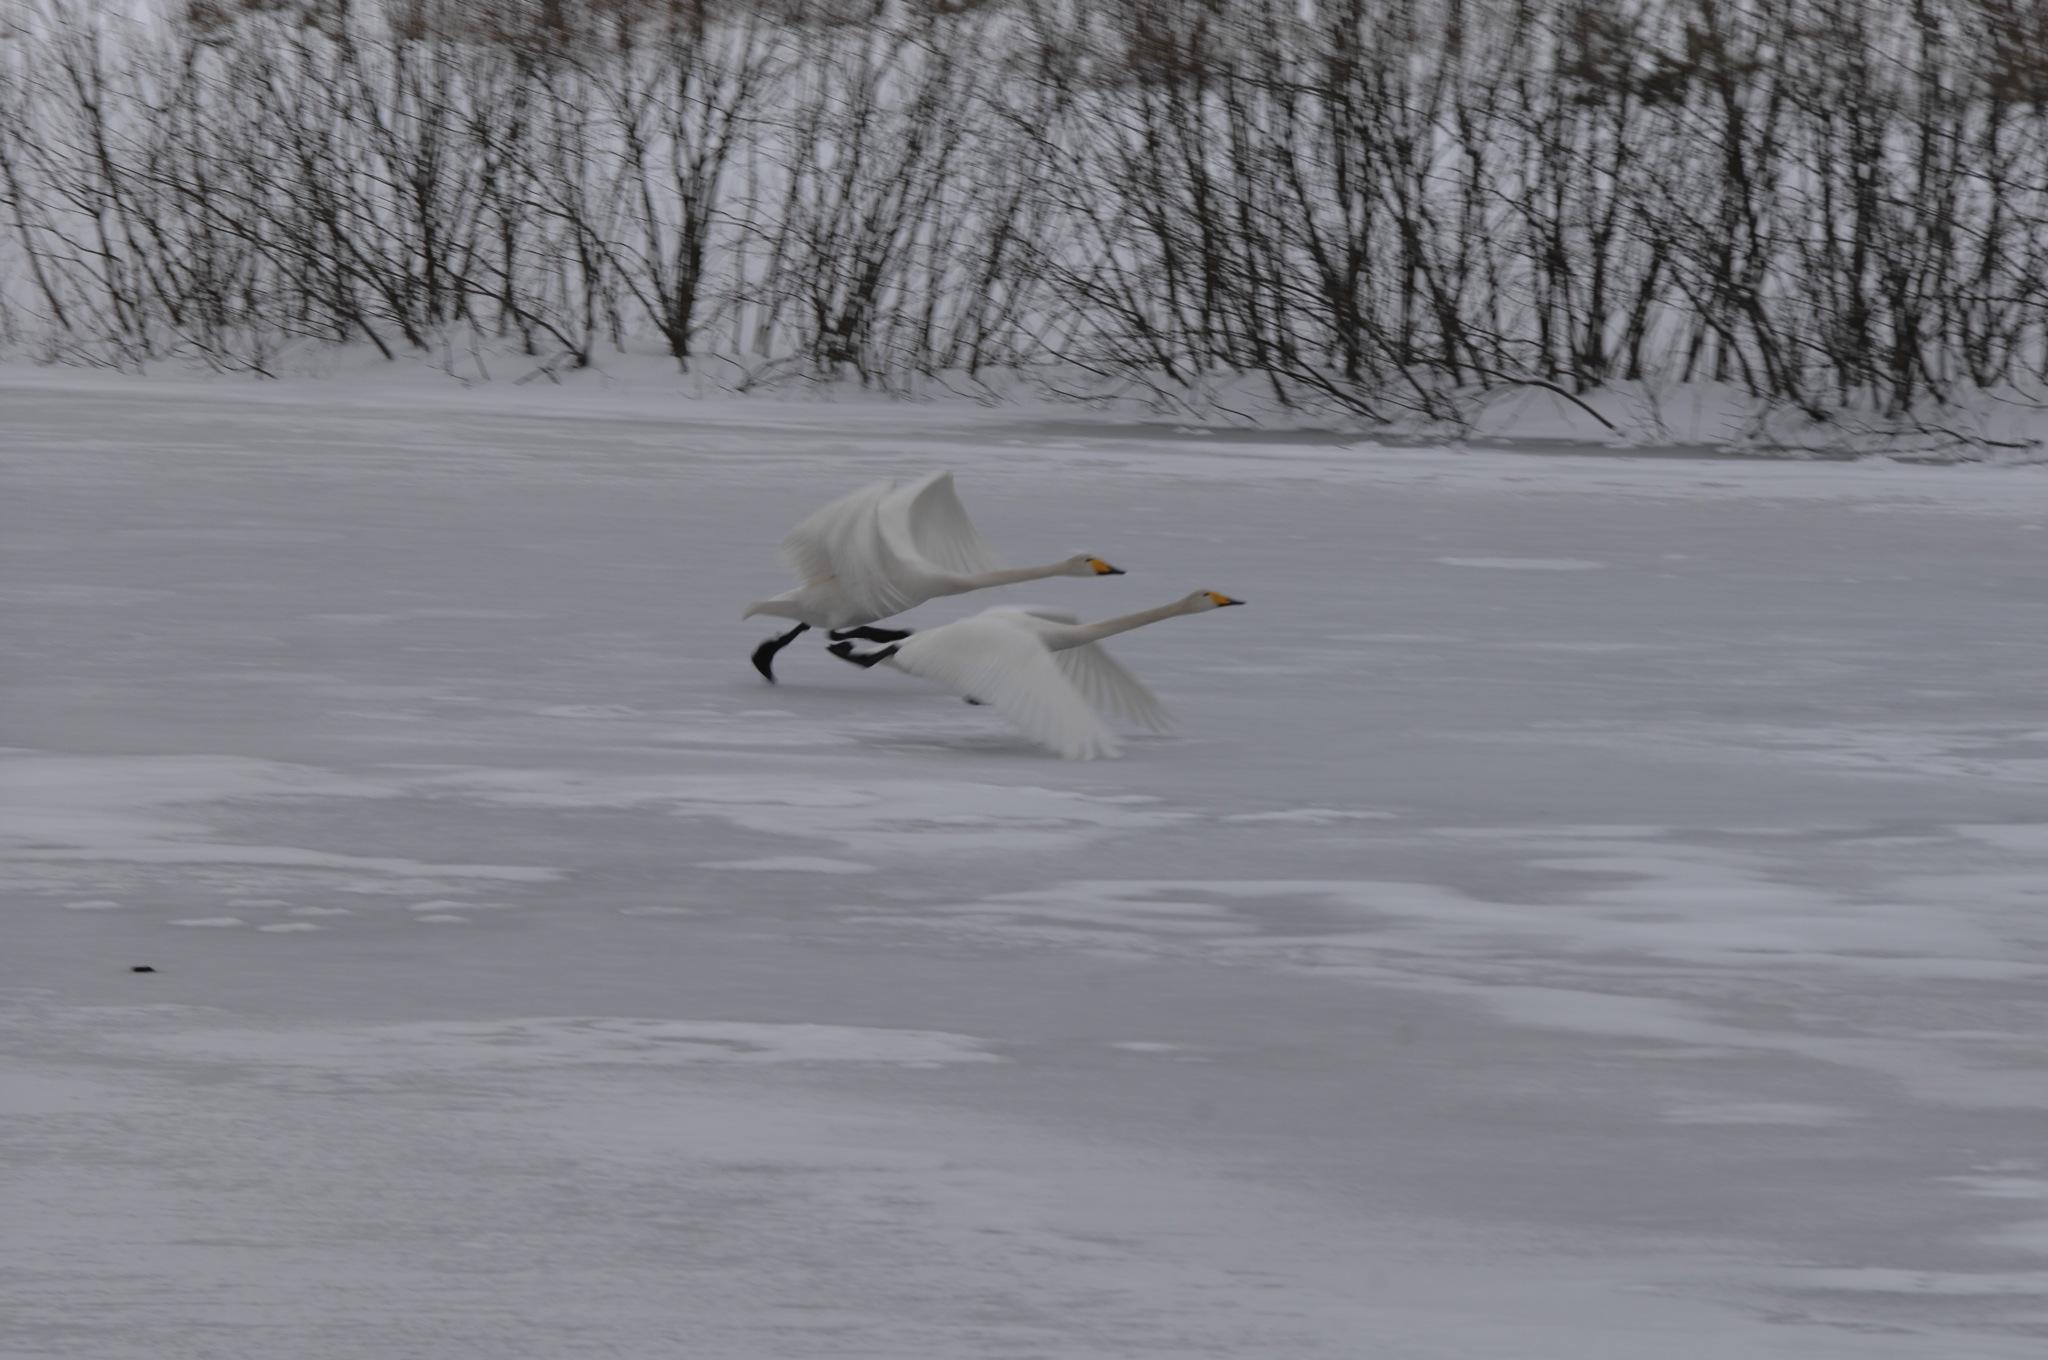 Take off by Lars R